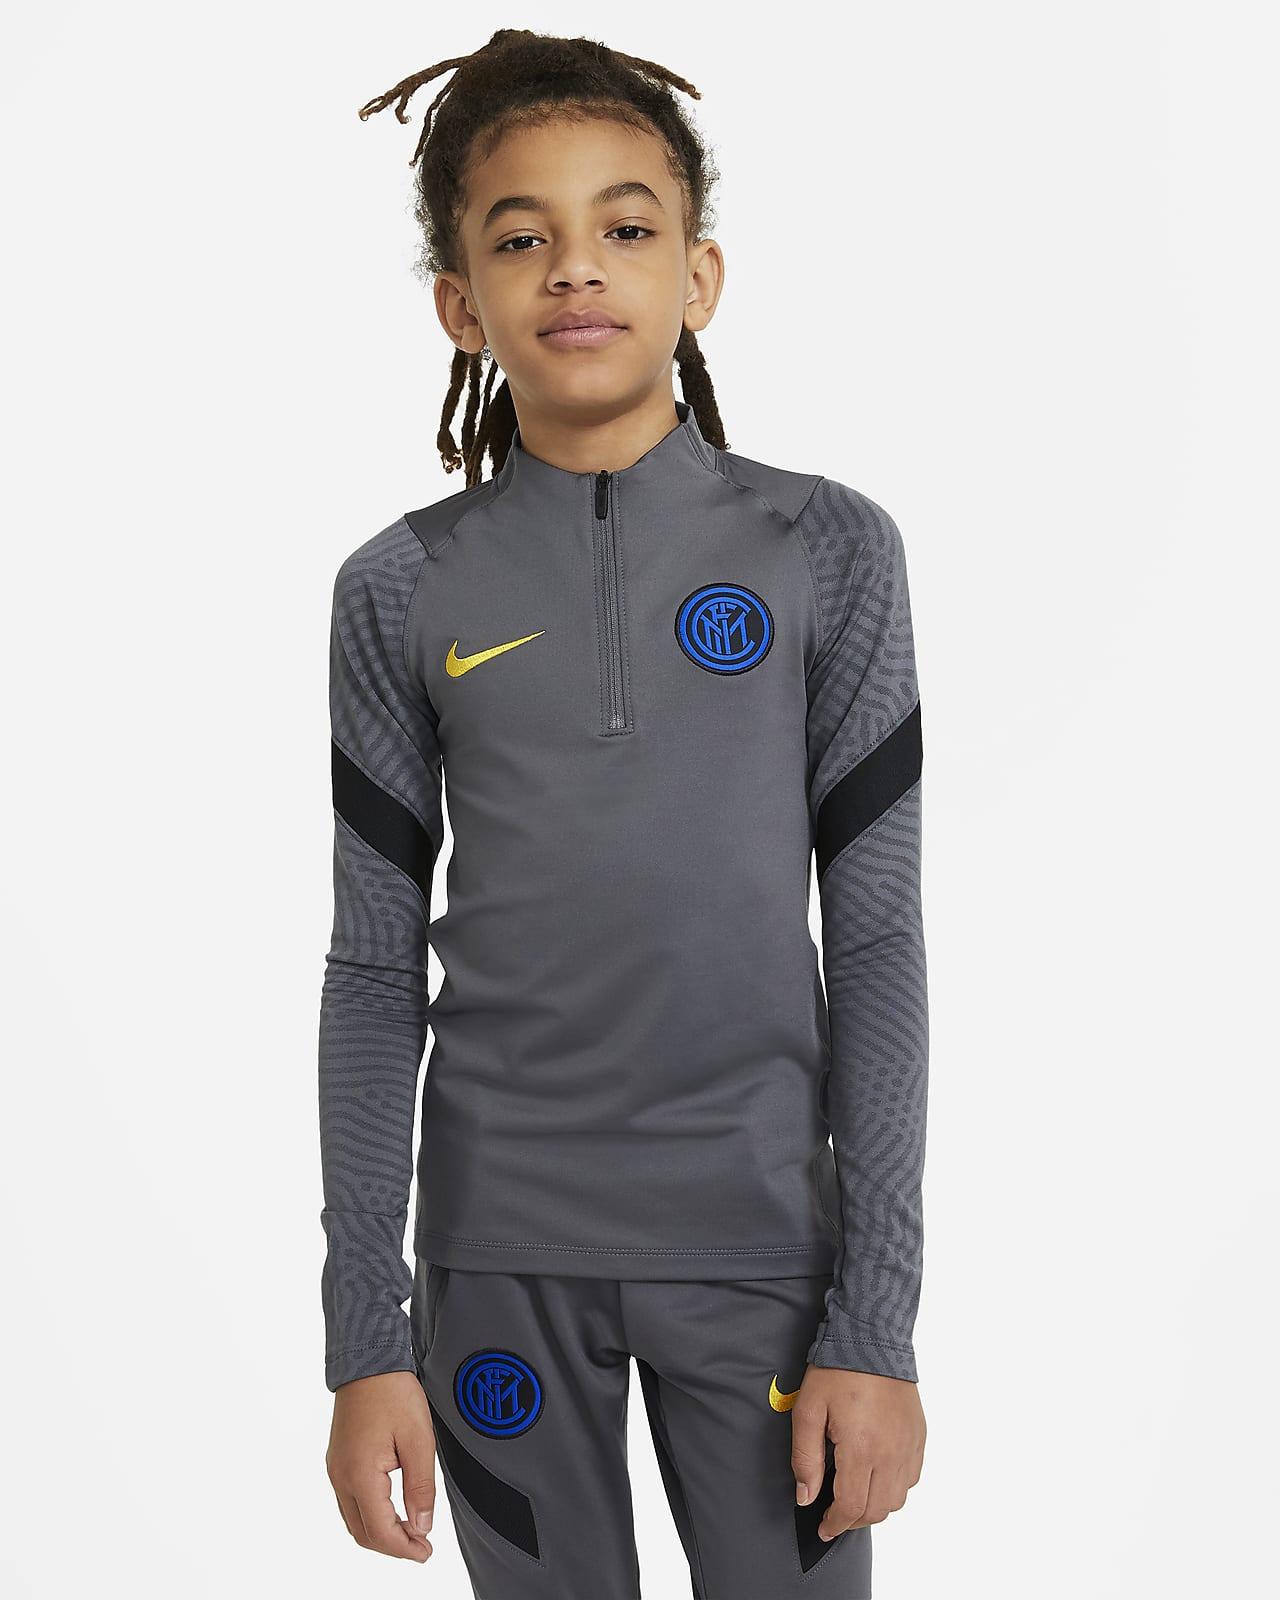 Inter de Milán Strike Camiseta de fútbol de entrenamiento - Niño/a